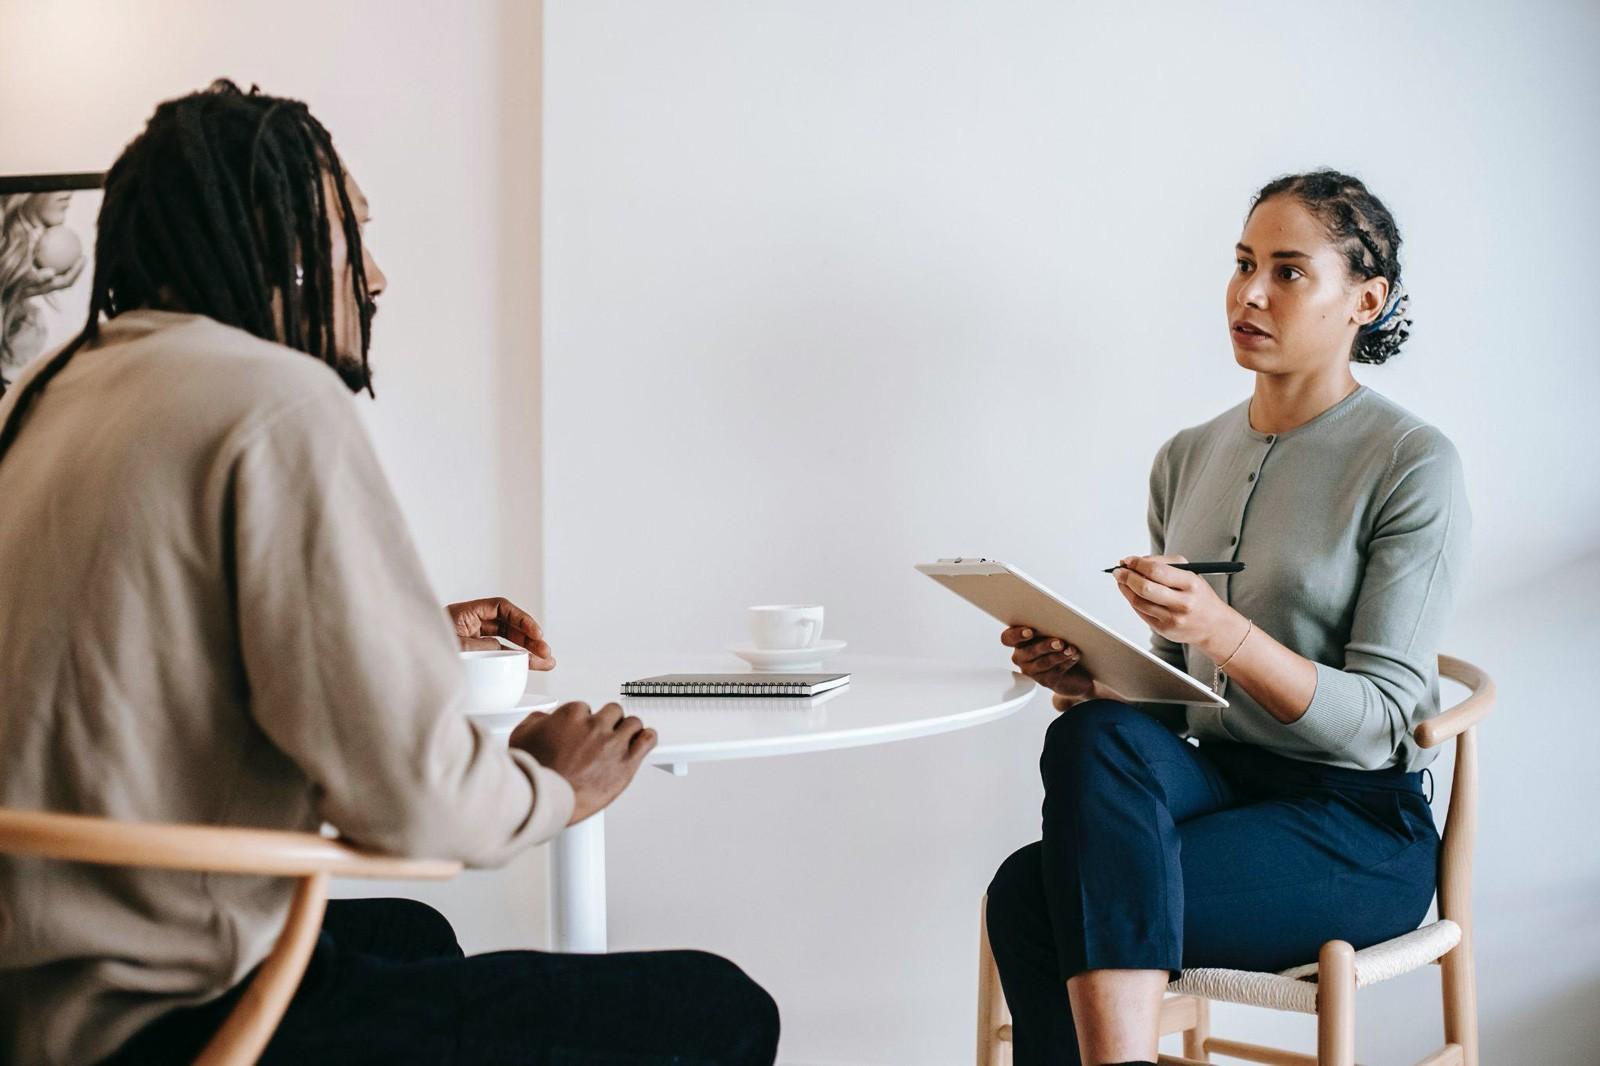 bias in interviews, workplace investigation interview